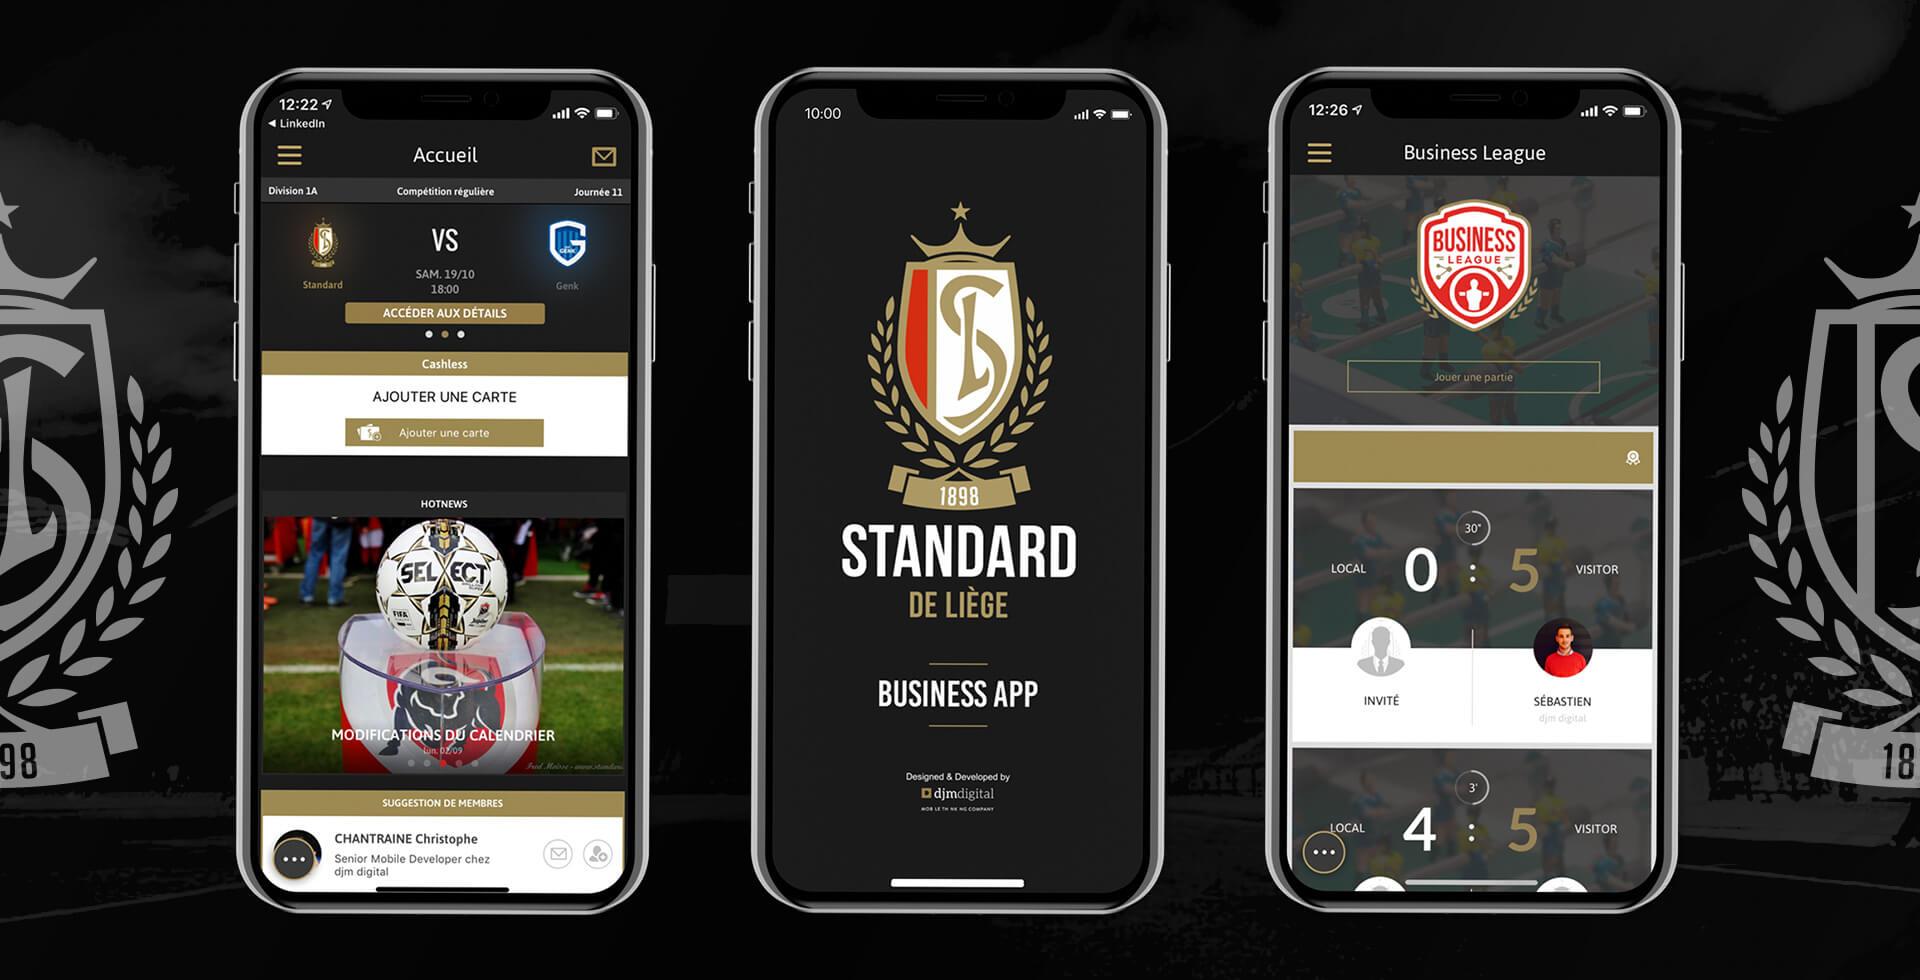 Standard de Liège Business App